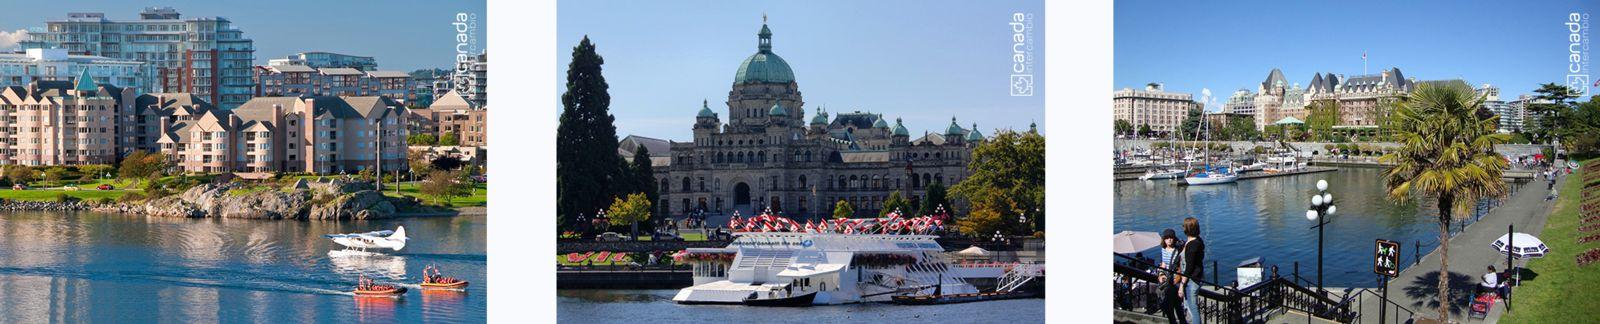 Turismo em Victoria, British Columbia